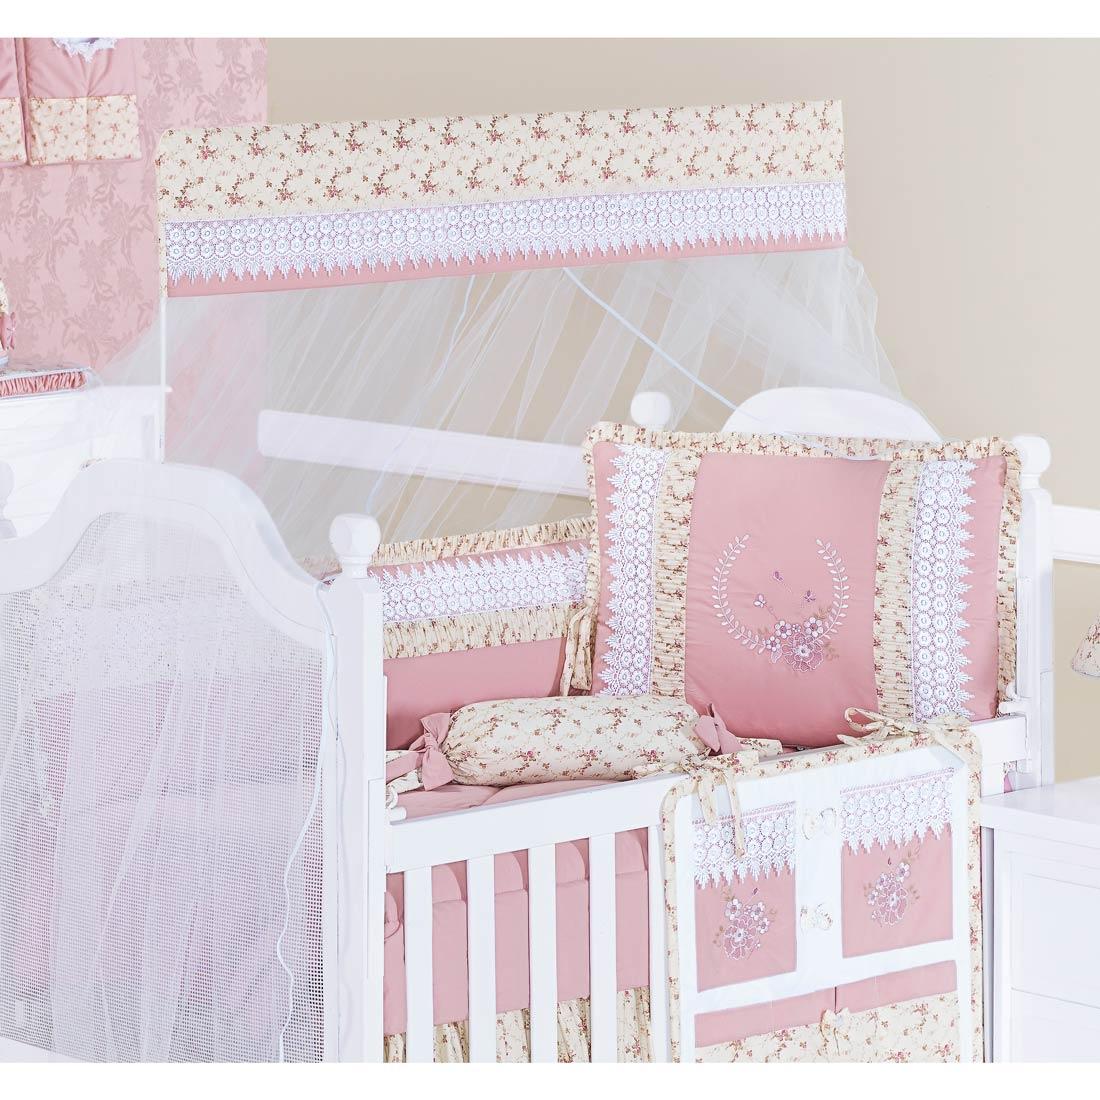 Coleção Completa para Quarto de Bebê kate 100% Algodão - 24 Peças